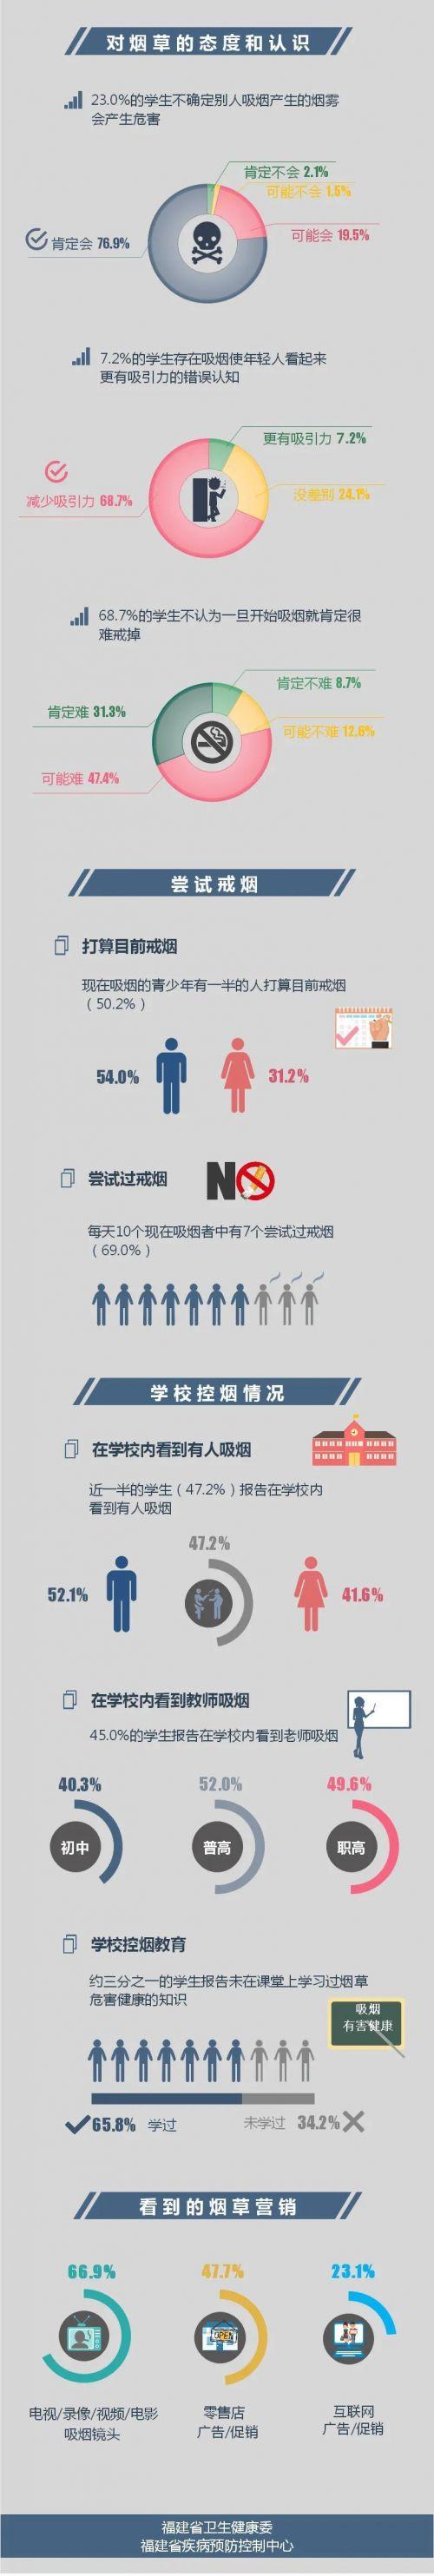 福建青少年烟草大数据公布 超六成青少年暴露于二手烟